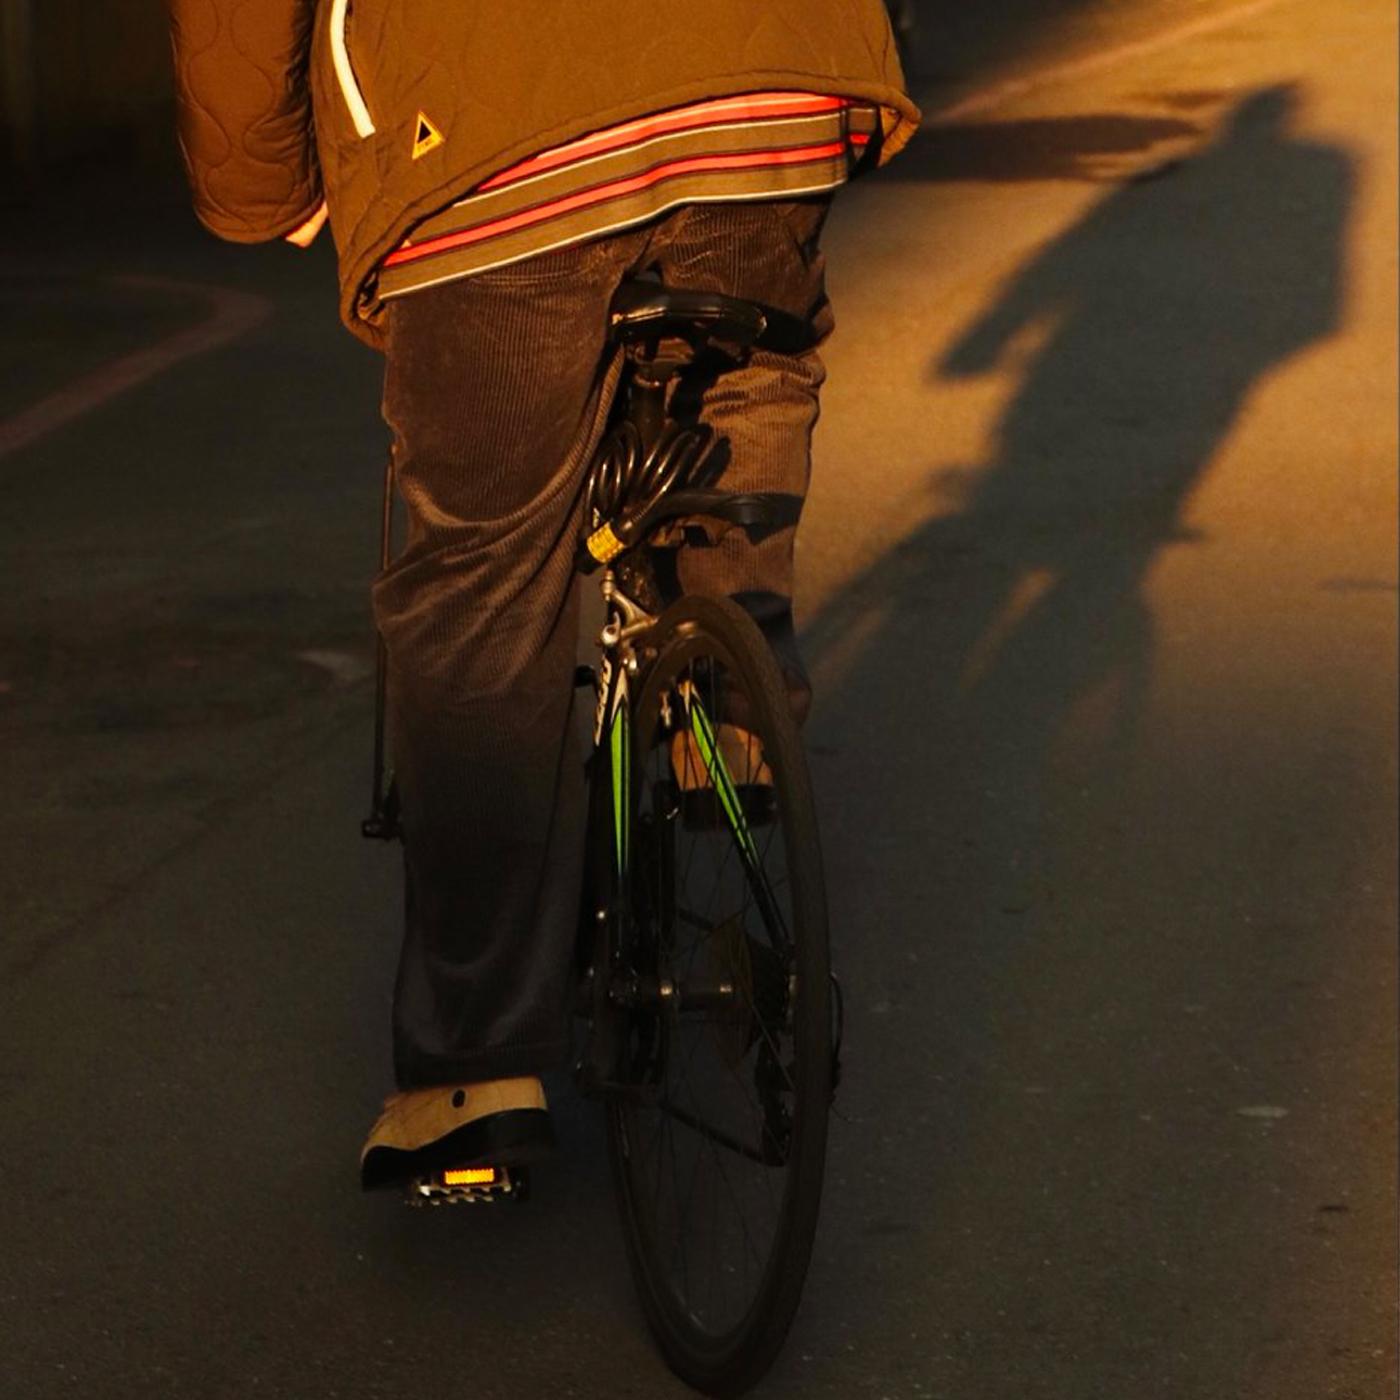 秋冬褲,長褲,換季長褲,軍褲,燈芯絨長褲,寬褲,比例神褲,1616,百搭神褲,時代神褲,九分褲,西裝褲,九分褲穿搭,直筒褲,直筒褲穿搭,寬褲穿搭